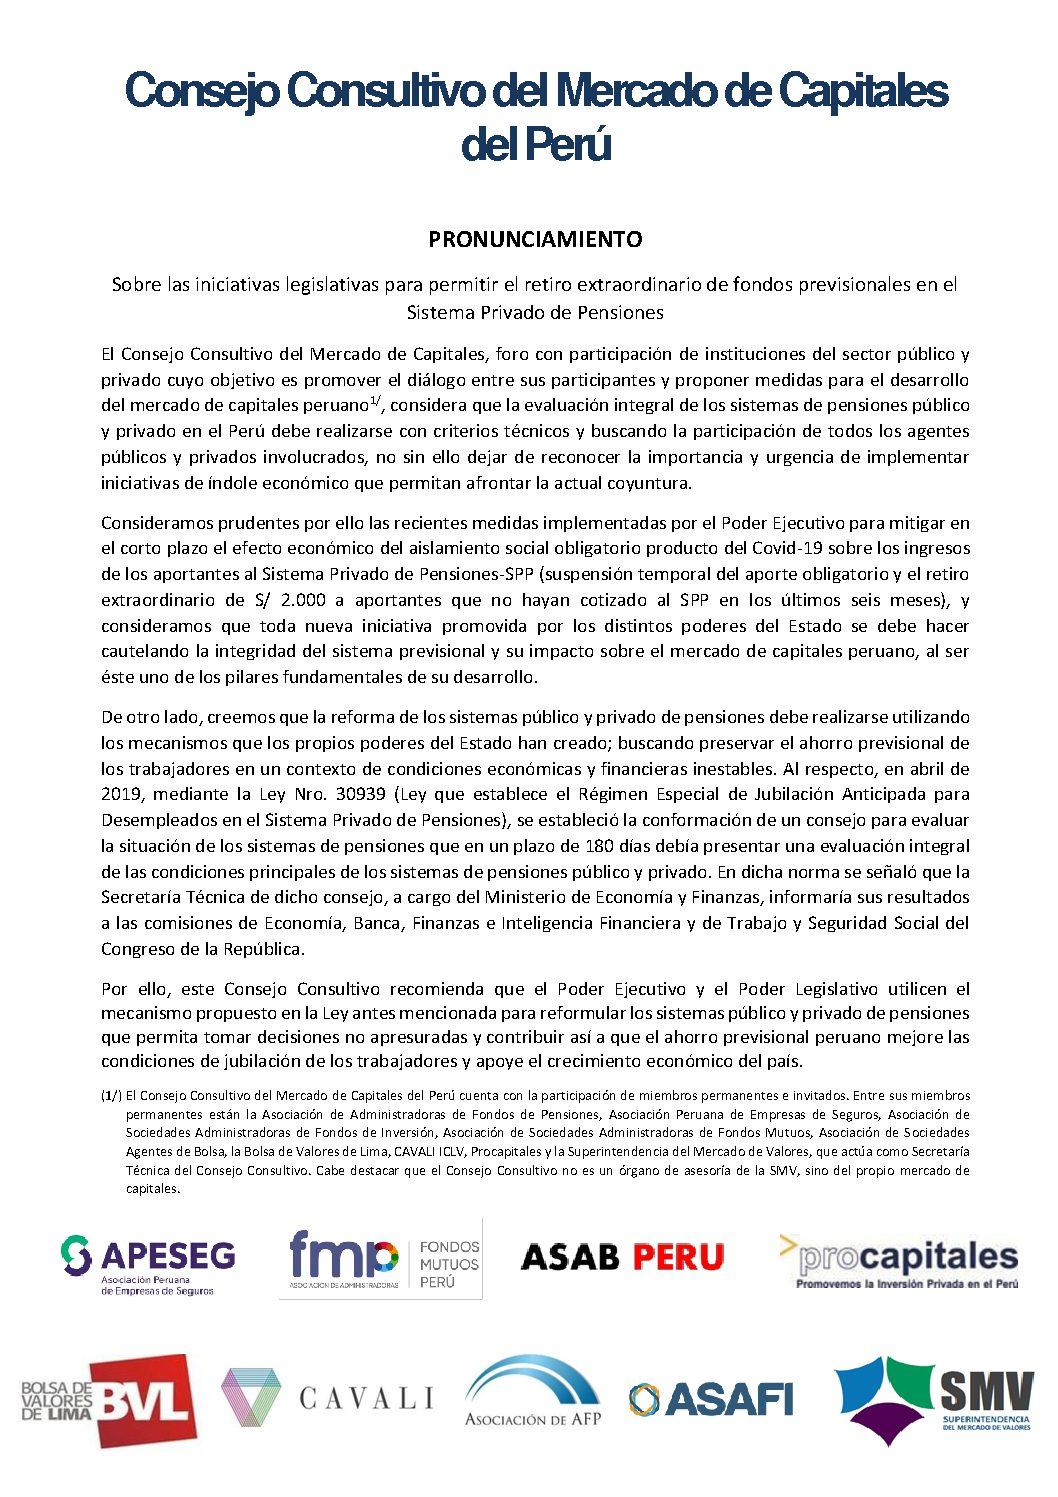 Pronunciamiento del Consejo Consultivo del Mercado de Capitales del Perú